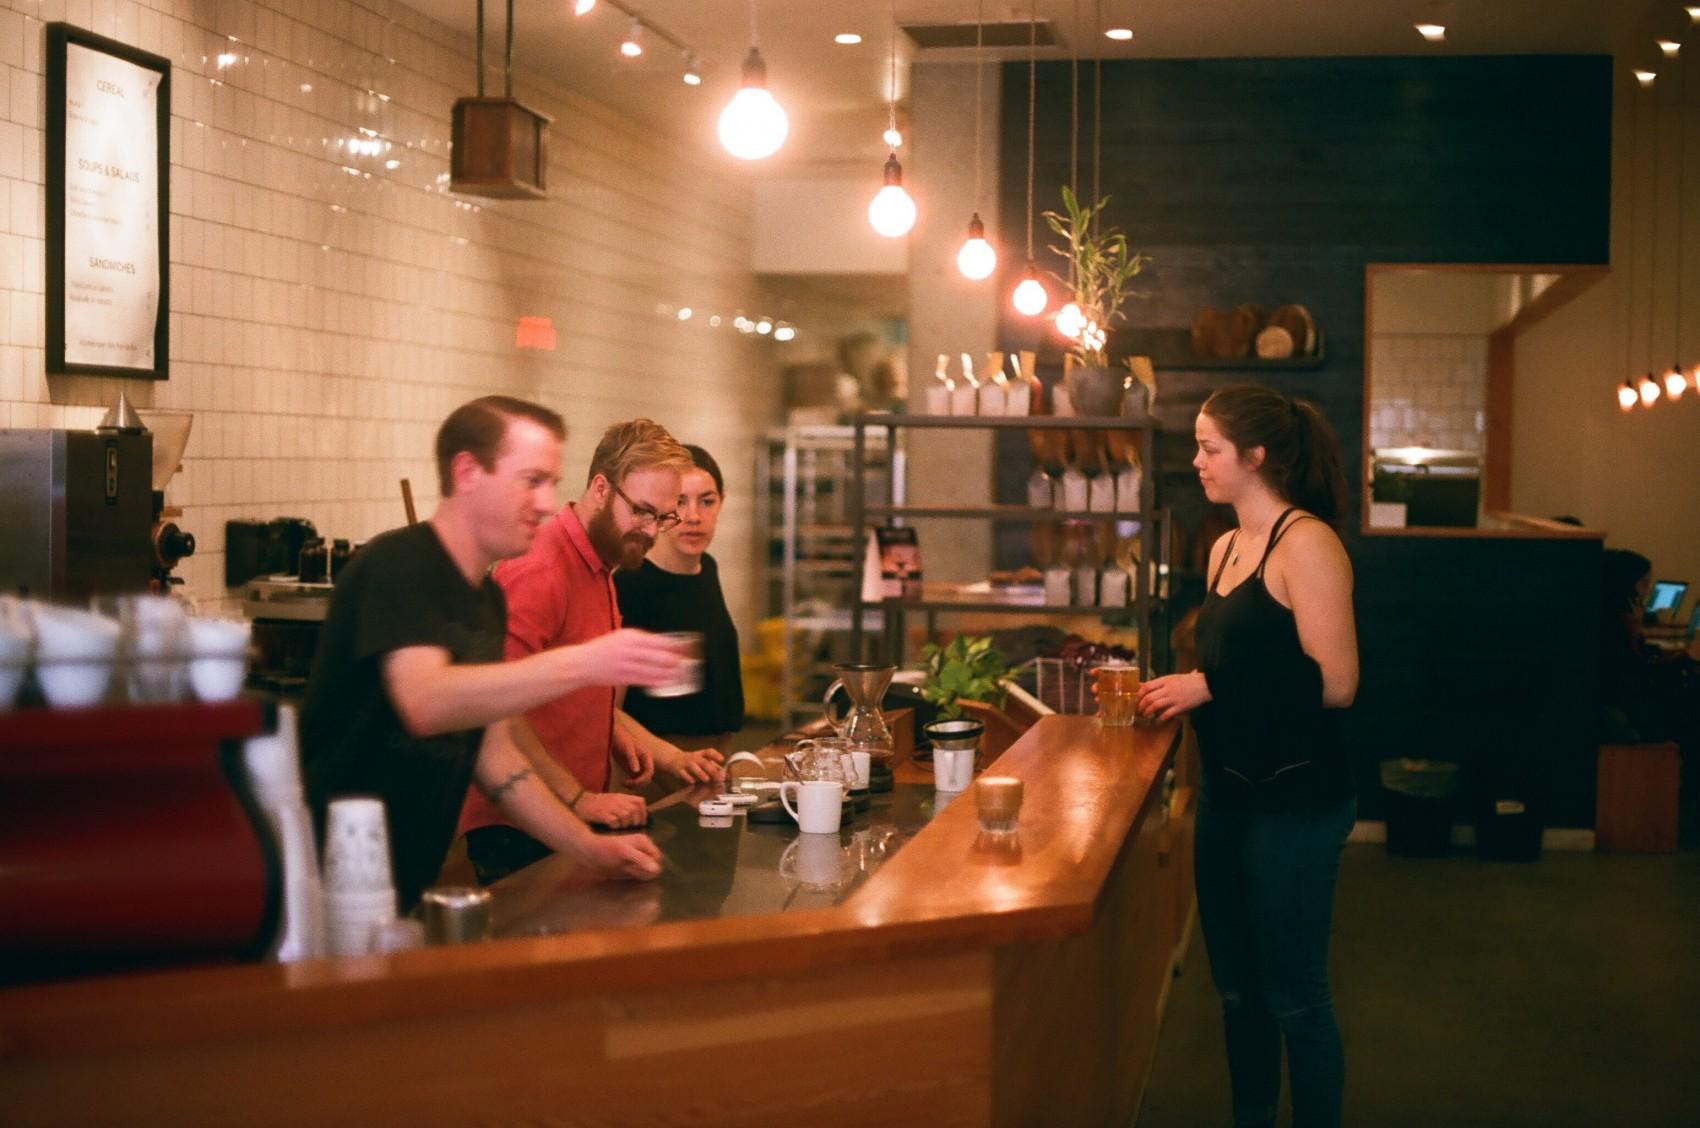 clientes de cafe recibiendo su cappuccino